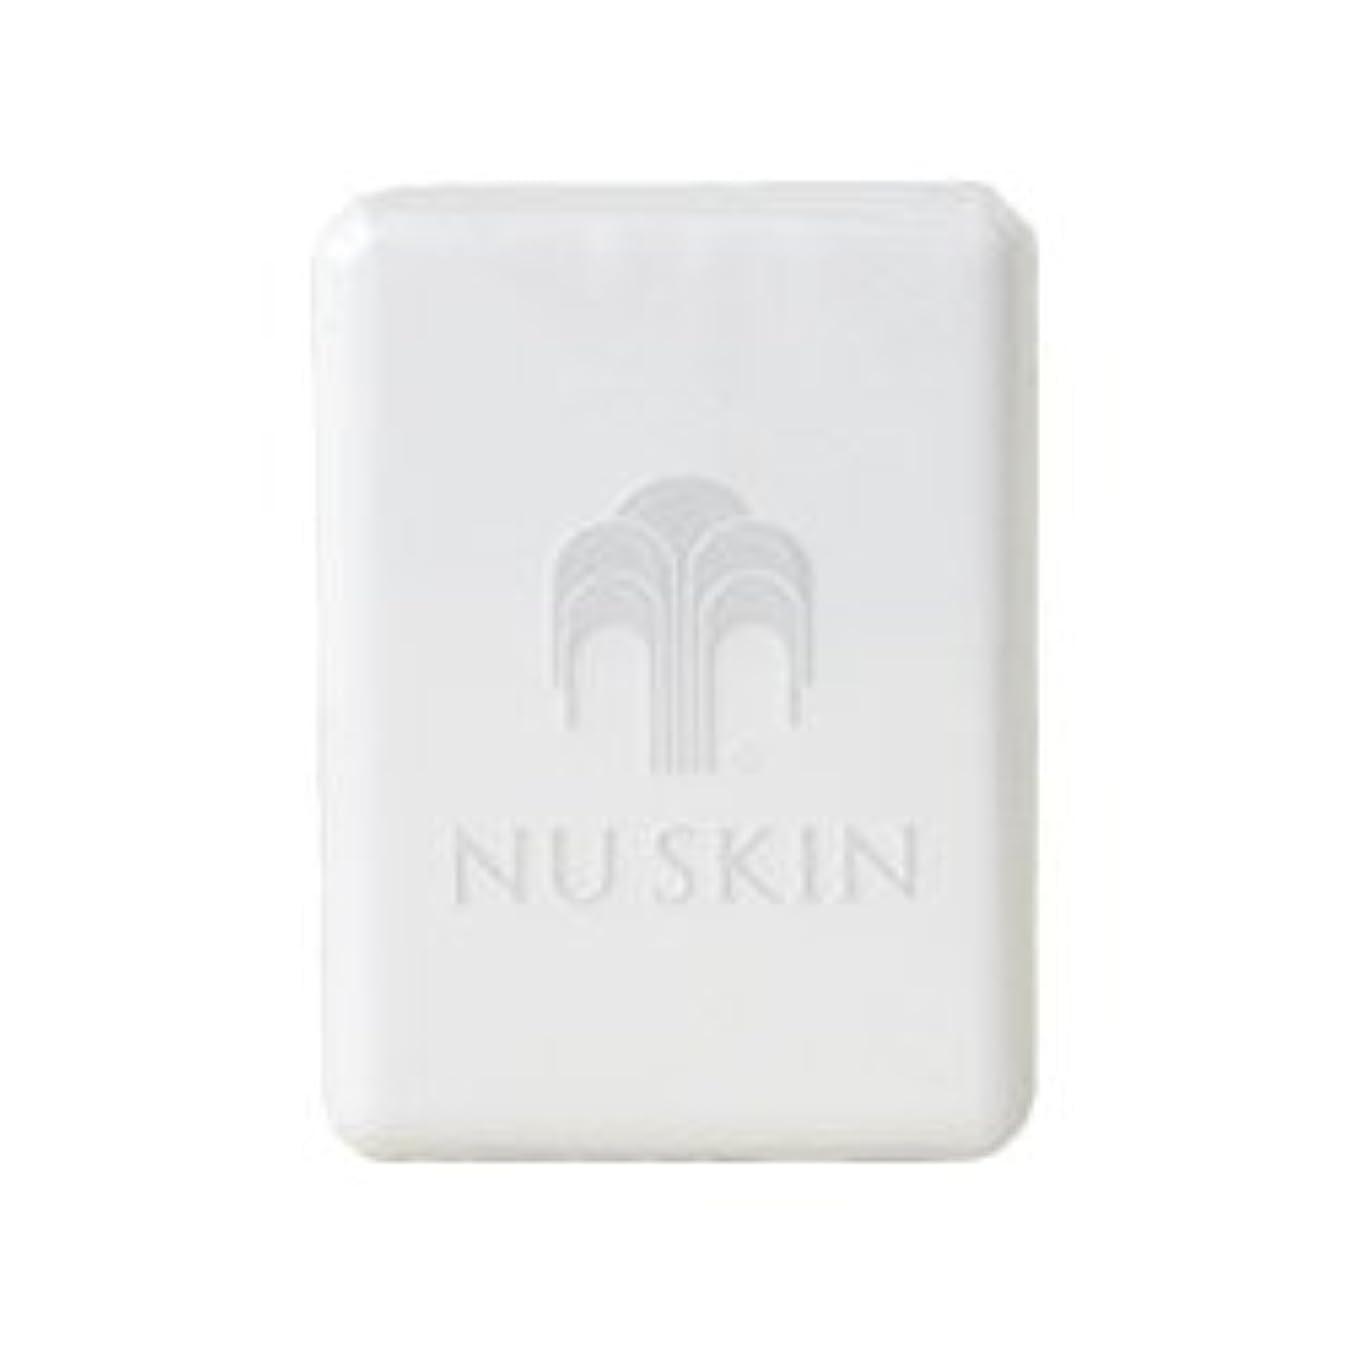 洗剤固める増強ニュースキン NU SKIN ボディーバー 03110353